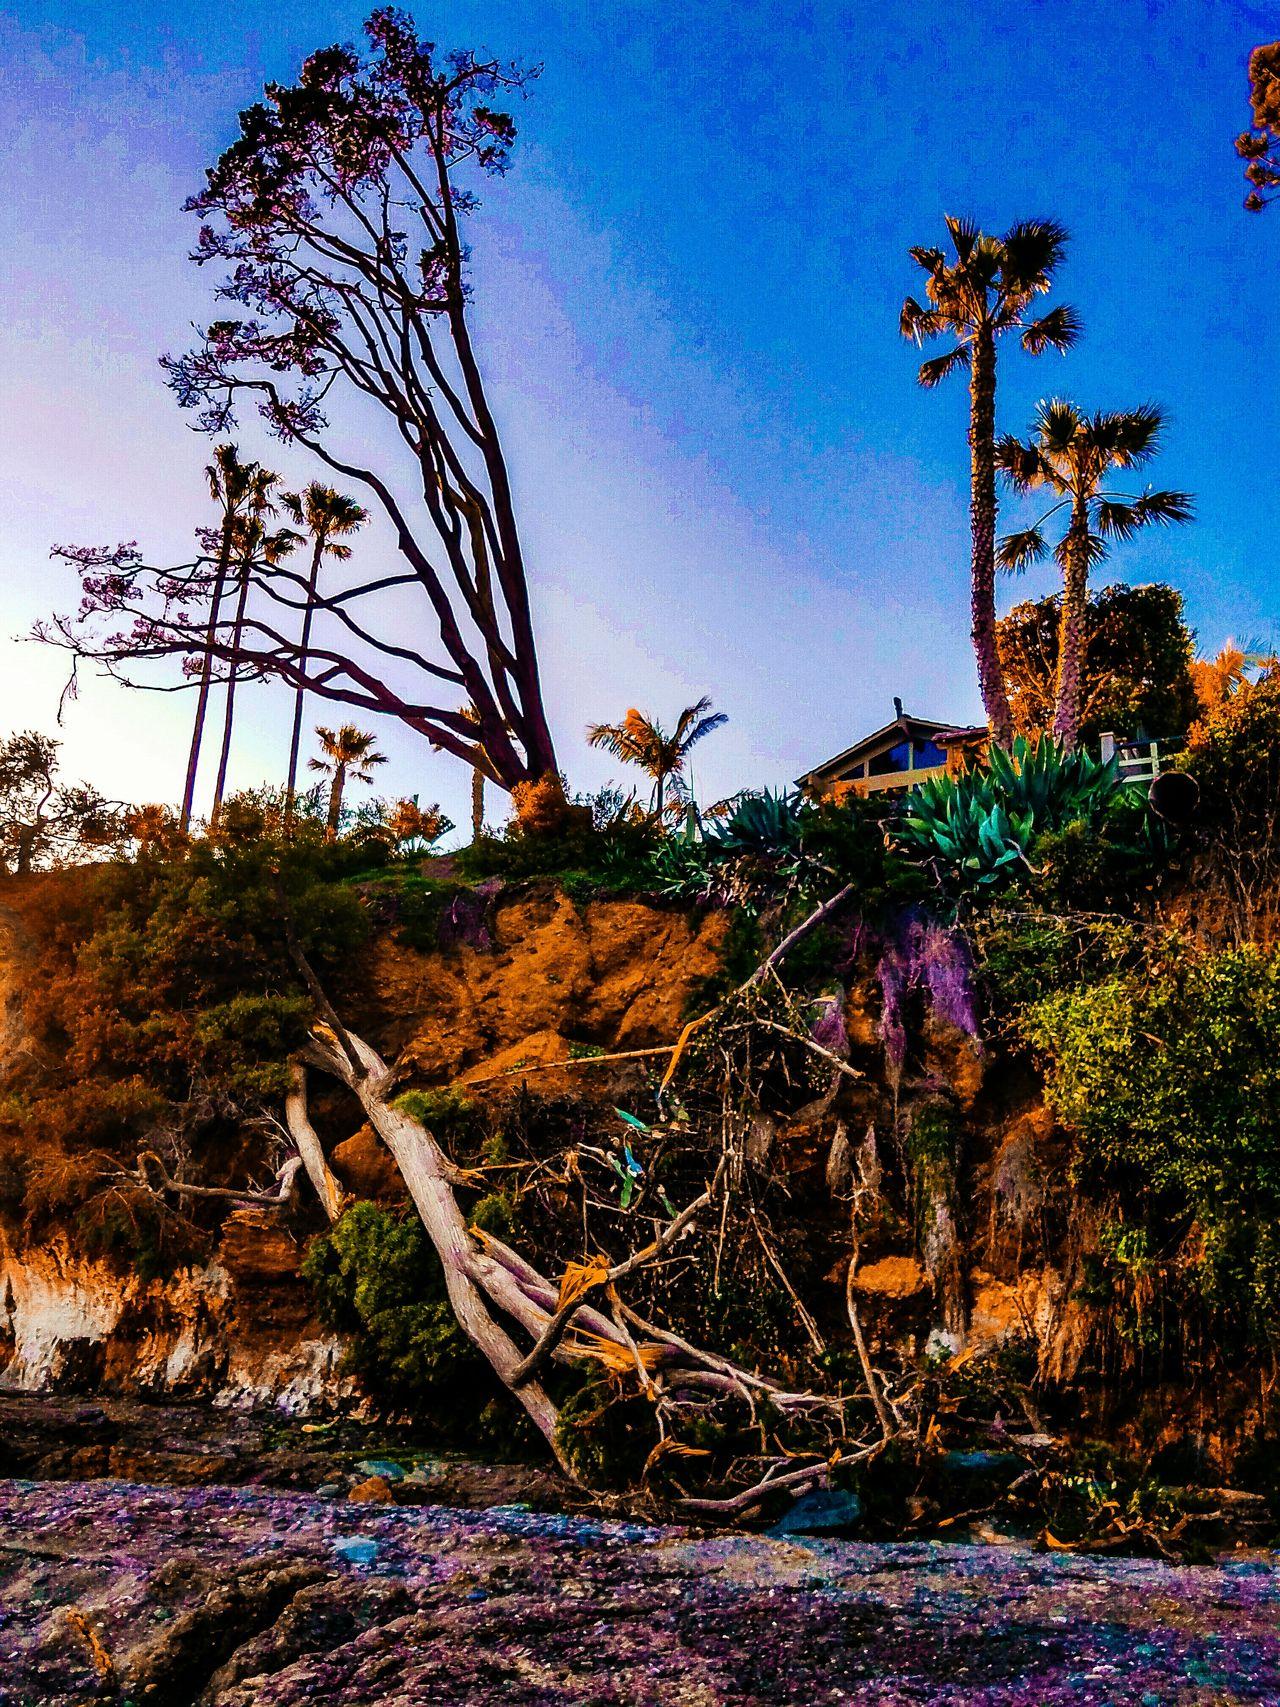 Shaws Cove Laguna Beach, CA Tree Outdoors Nature No People